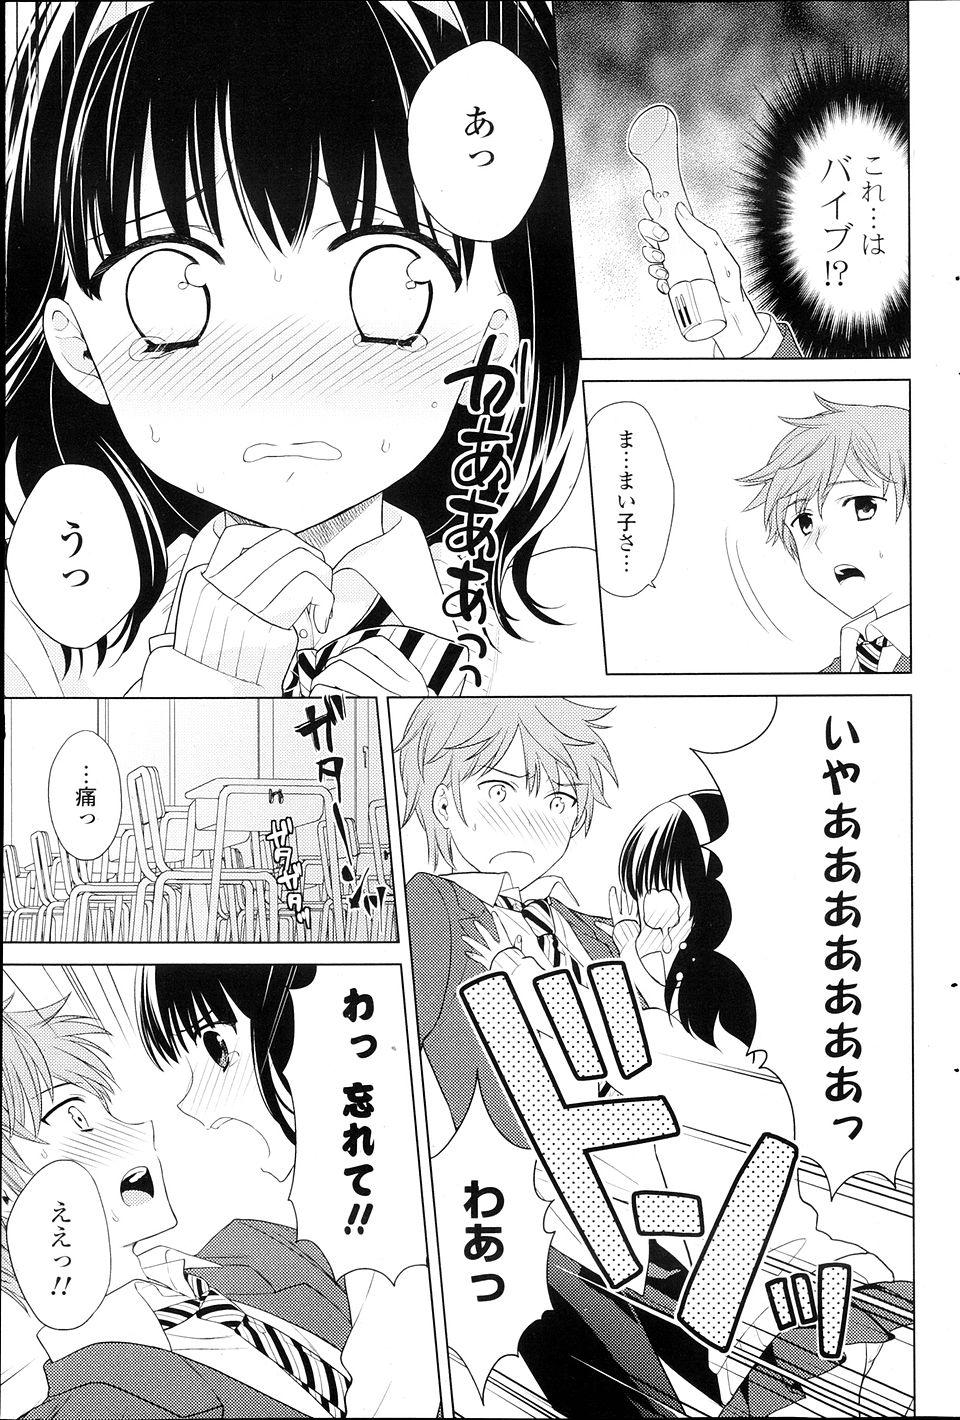 【エロ漫画・エロ同人】告ろうとしたちっぱい女子校生がバイブで処女喪失しようとしてたから俺がエッチしたったwww (3)